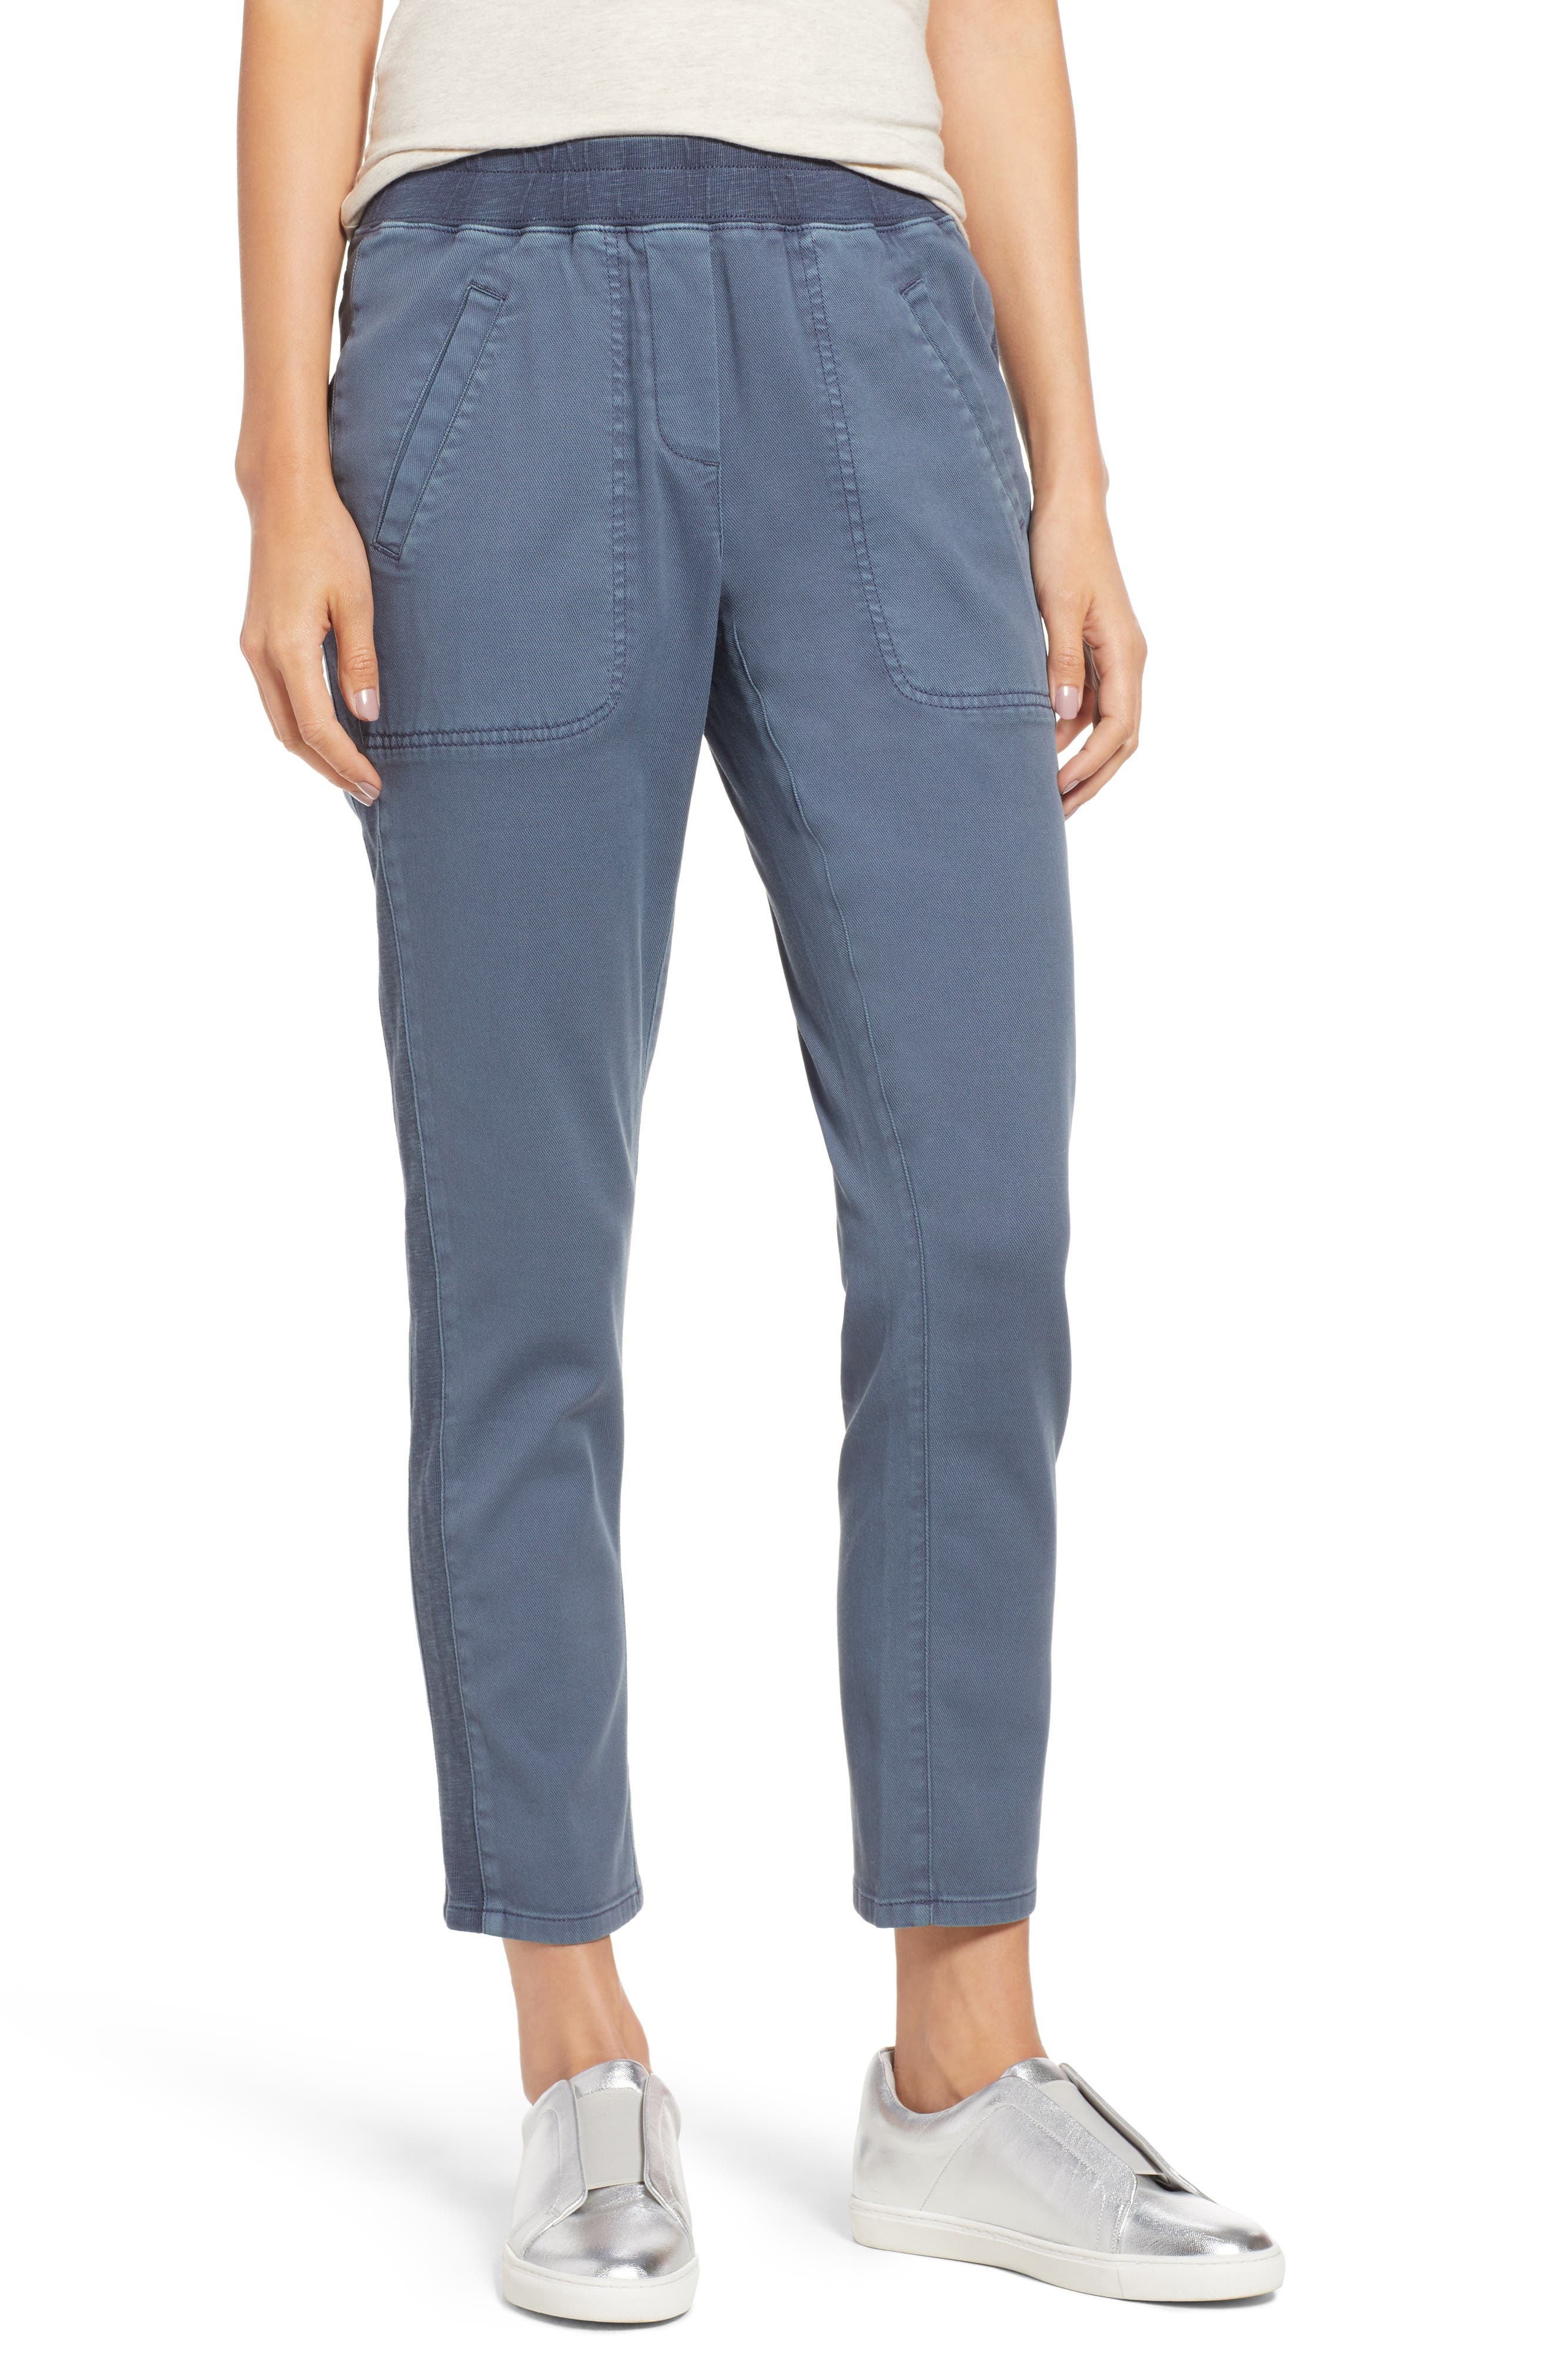 NIC + ZOE Garment-Dye Twill Pants, Petite in Bluestone